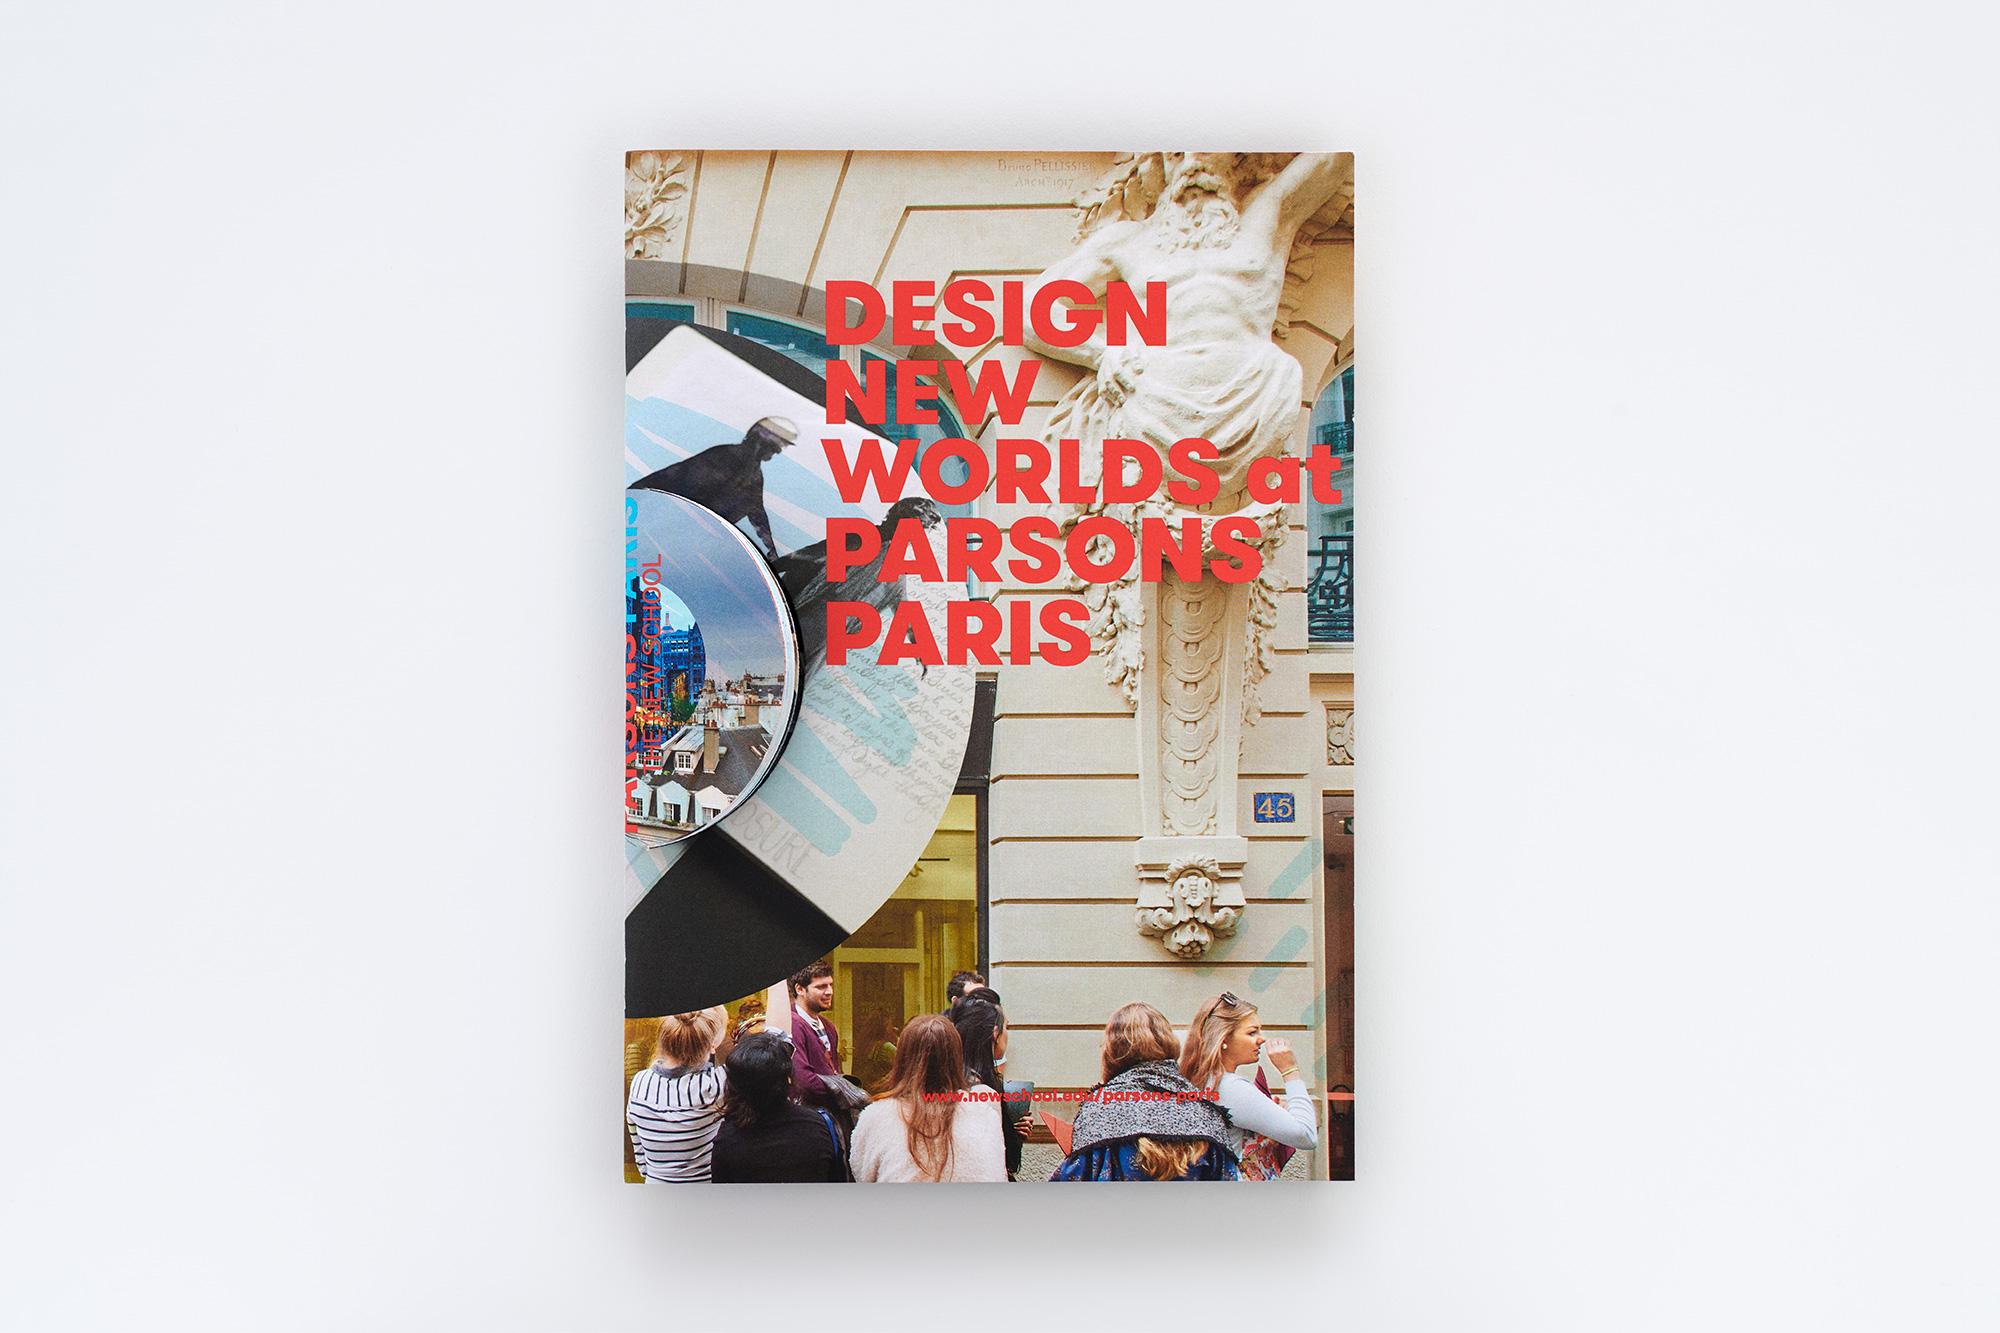 Paula_Giraldo_Parsons_Paris_12.jpg